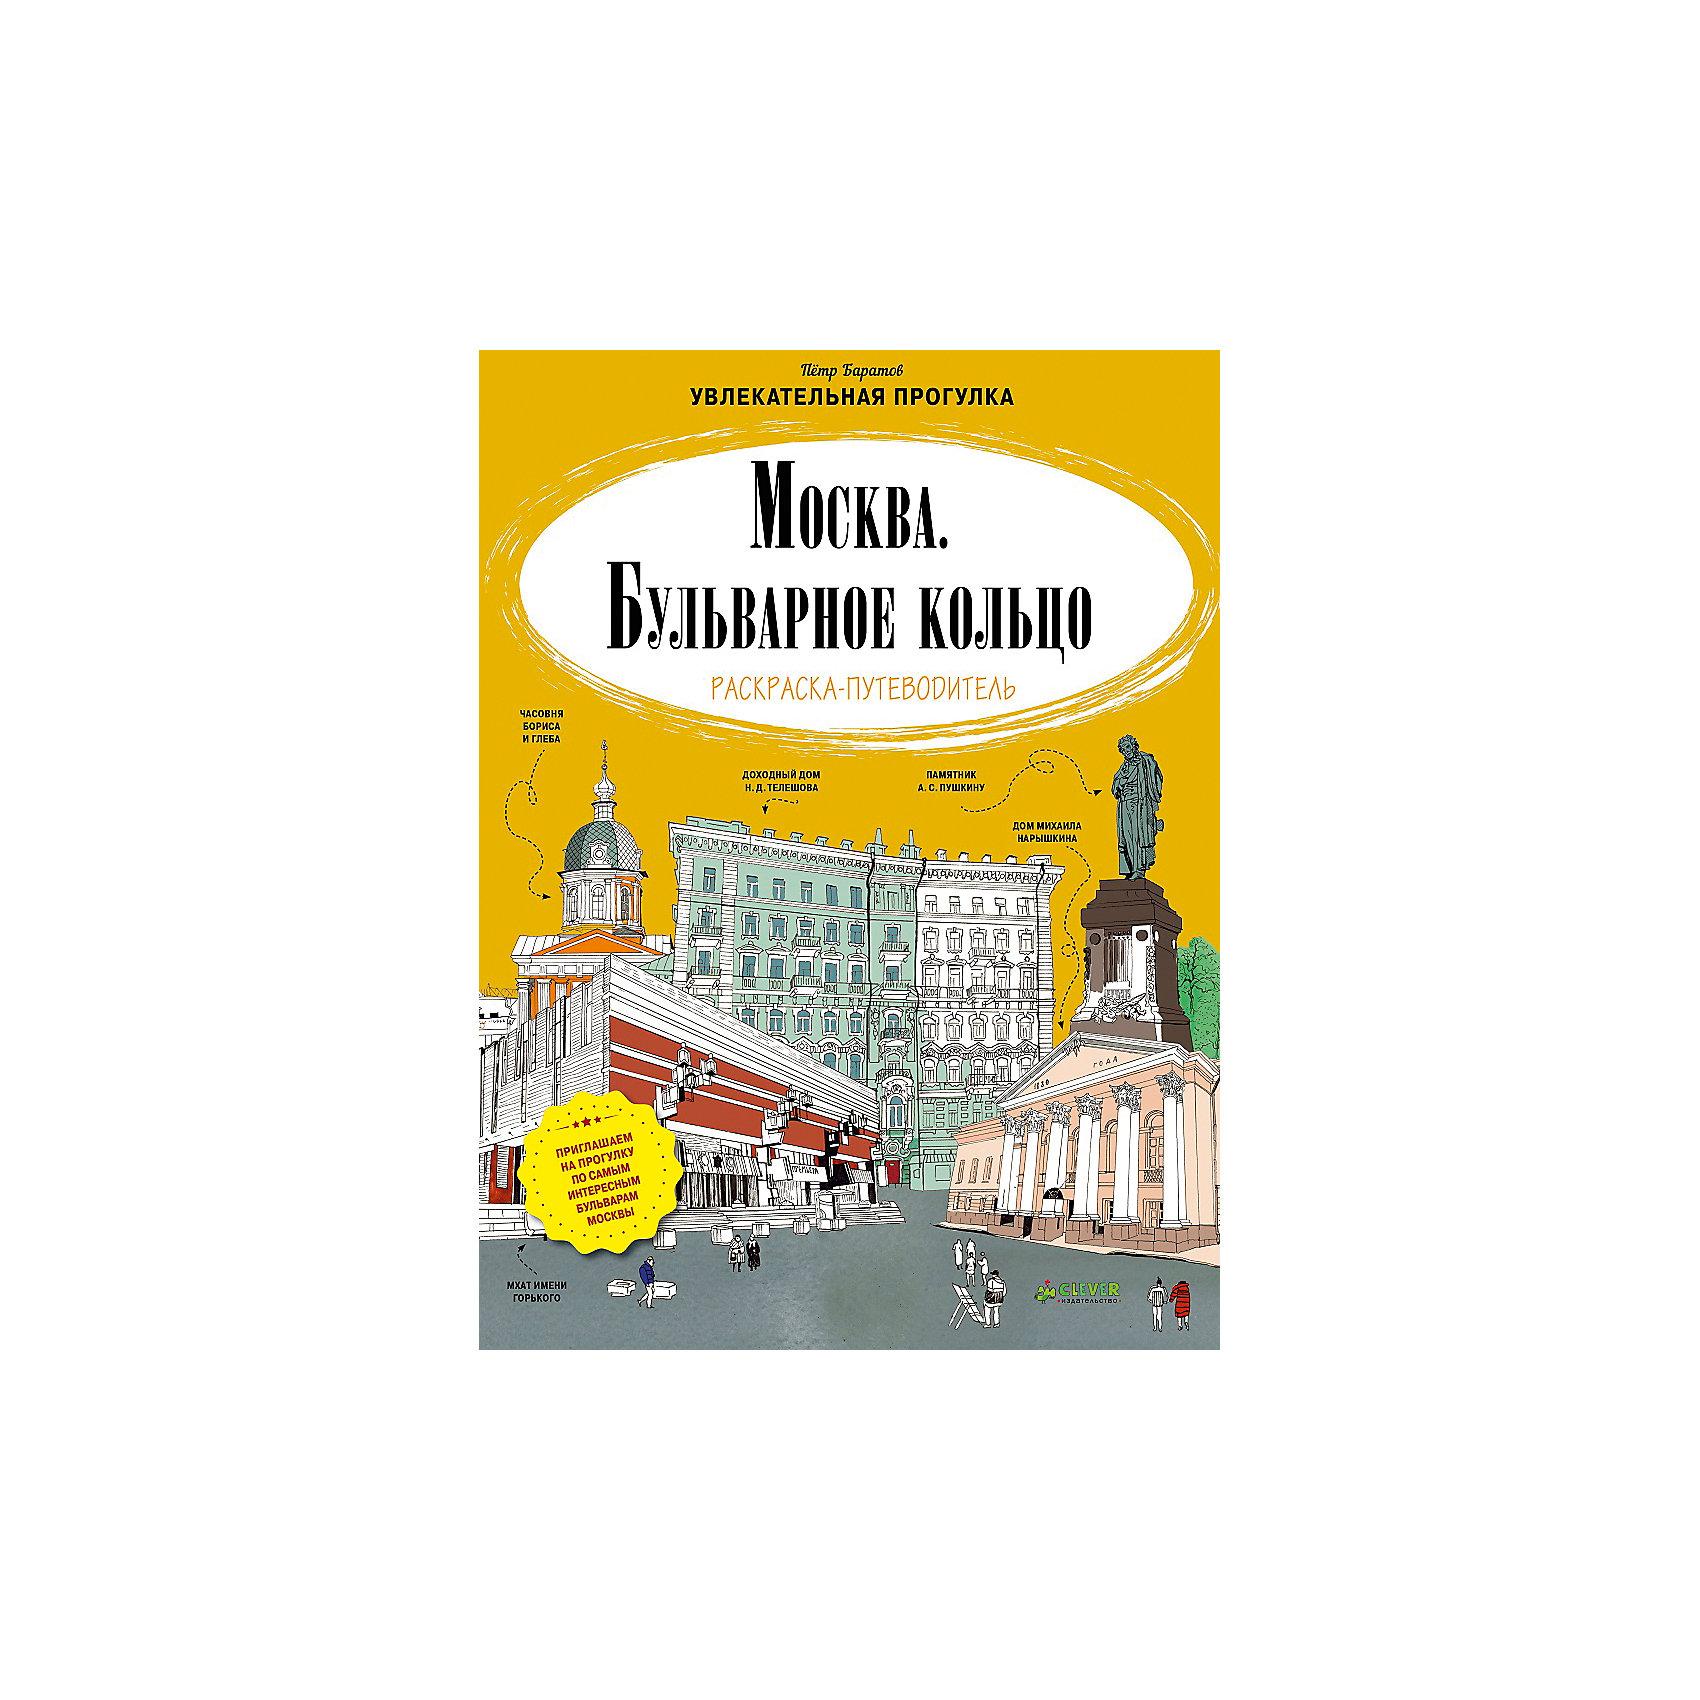 Раскраска-путеводитель Москва, Бульварное кольцоCLEVER (КЛЕВЕР)<br>В столице России можно посмотреть столько всего удивительного и интересного! Познакомить ребенка с занимательными фактами и разными красивыми местами Москвы поможет это издание. Книга очень красиво выглядит, внутри - путеводитель с разными маршрутами и рисунками для раскрашивания, поэтому издание станет отличным подарком. <br>Прогулки по маршрутам с этой книгой помогут не только весело провести время и загореться жаждой путешествий и открытий, издание подготовит ребенка к изучению истории и поможет привить интерес к знаниям. Также, раскрашивая картинки, ребенок будет развивать навыки рисования.<br><br>Дополнительная информация:<br><br>размер: 29 х 22 см;<br>страниц: 32;<br>мягкая обложка.<br><br>Раскраску-путеводитель Москва, Бульварное кольцо можно купить в нашем интернет-магазине.<br><br>Ширина мм: 290<br>Глубина мм: 220<br>Высота мм: 8<br>Вес г: 155<br>Возраст от месяцев: 84<br>Возраст до месяцев: 132<br>Пол: Унисекс<br>Возраст: Детский<br>SKU: 4976235